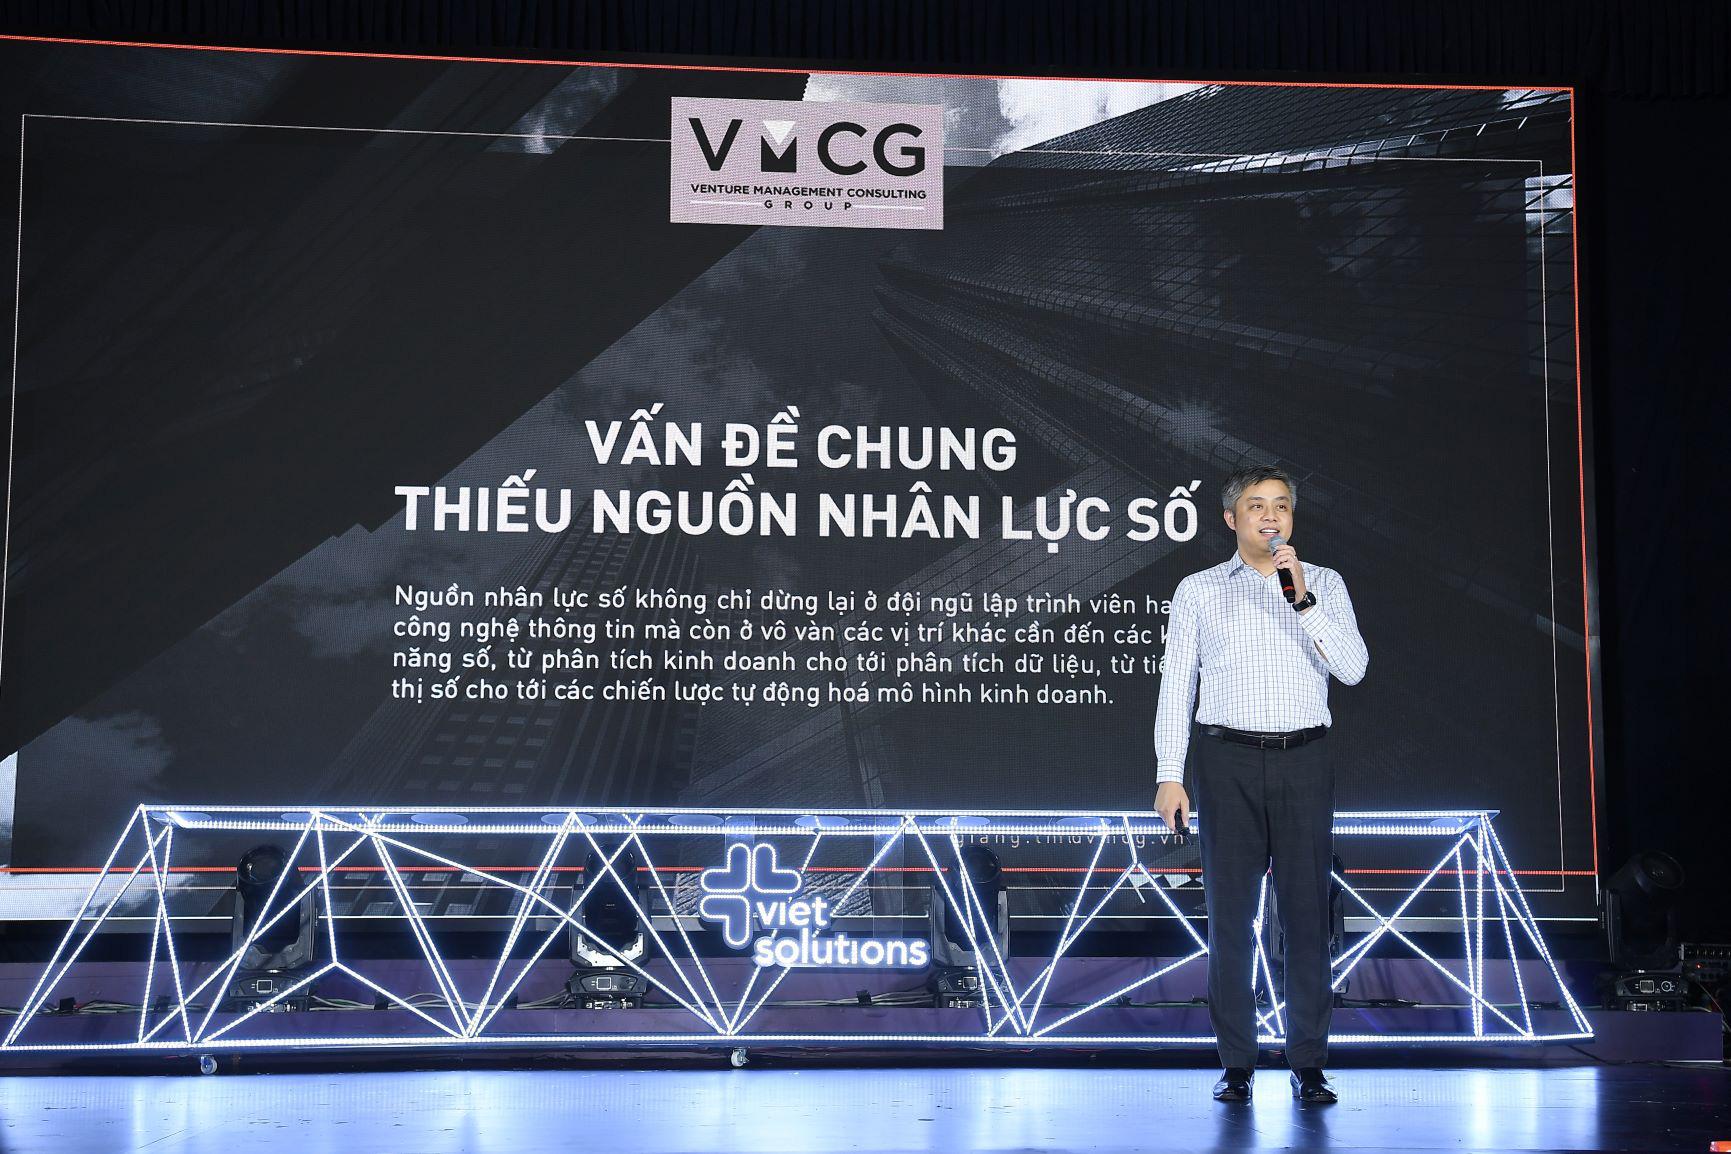 """Quyền Chủ tịch Tập đoàn Viettel: """"Thiên đường cho các start-up không chỉ vì nơi đó có nhiều bộ óc công nghệ xuất chúng"""" - Ảnh 1."""